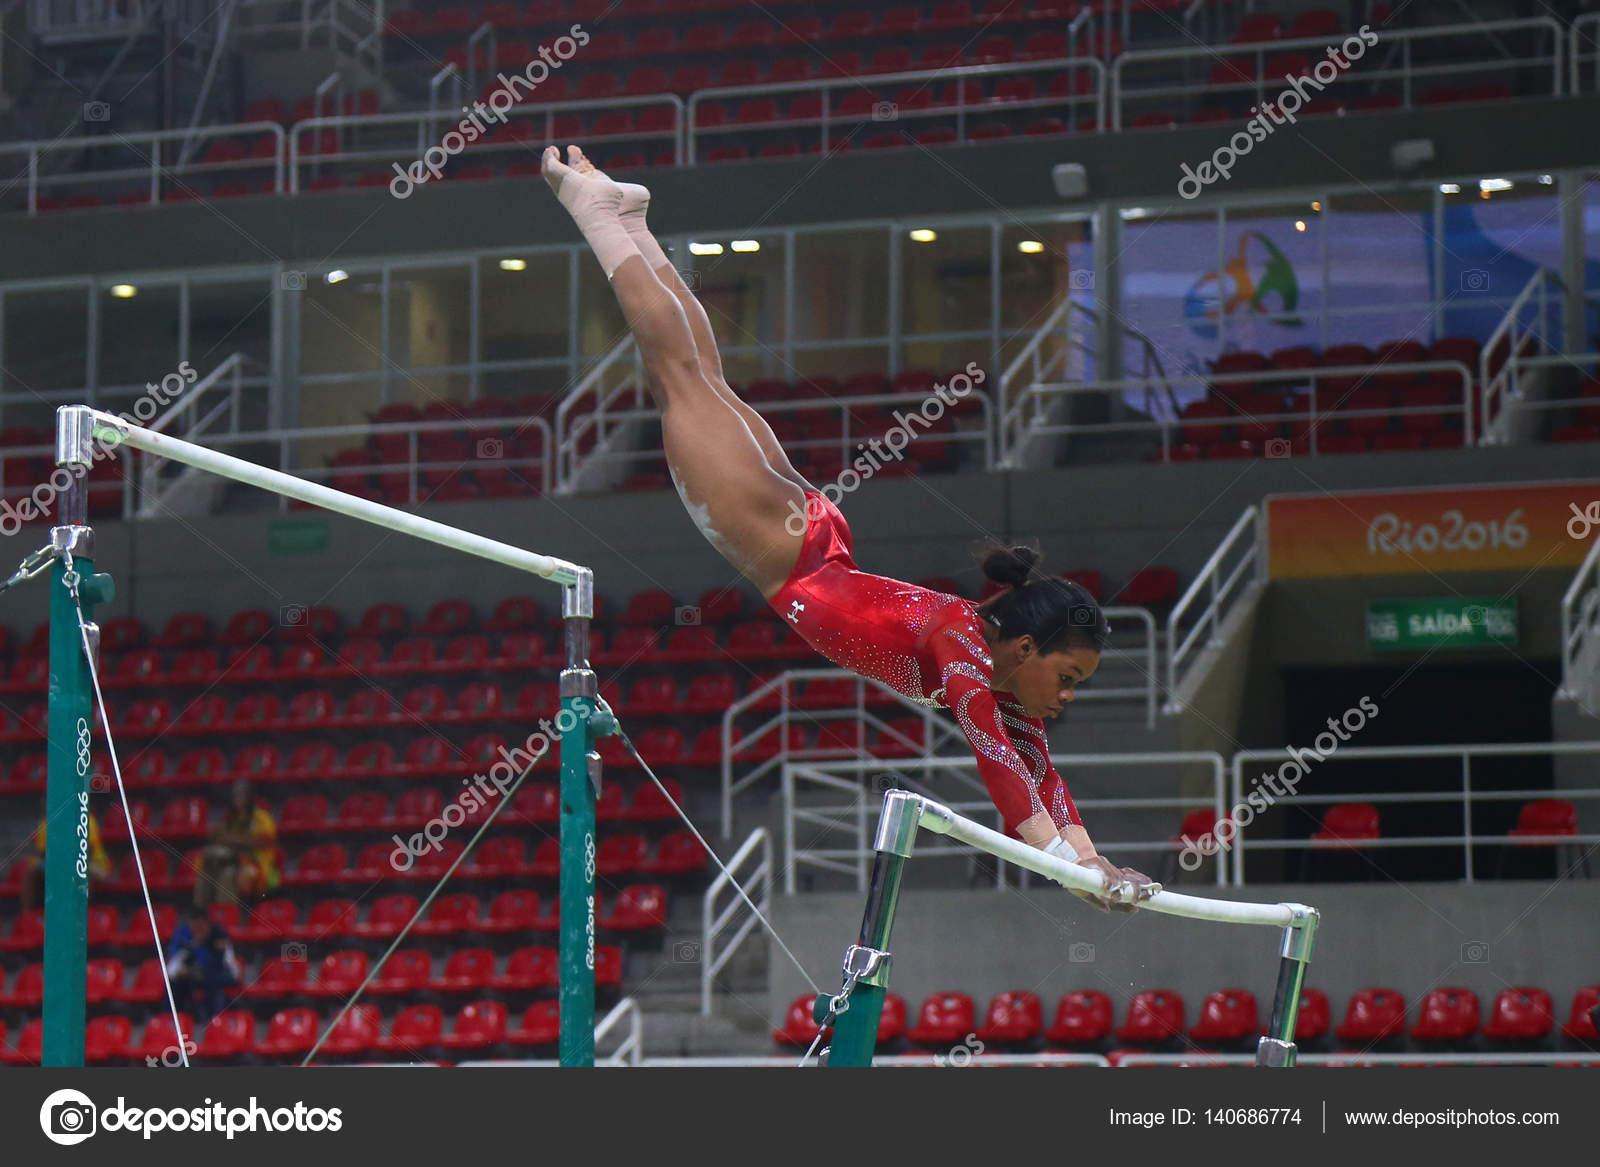 campeão olímpico gabby douglas das práticas dos estados unidos nas